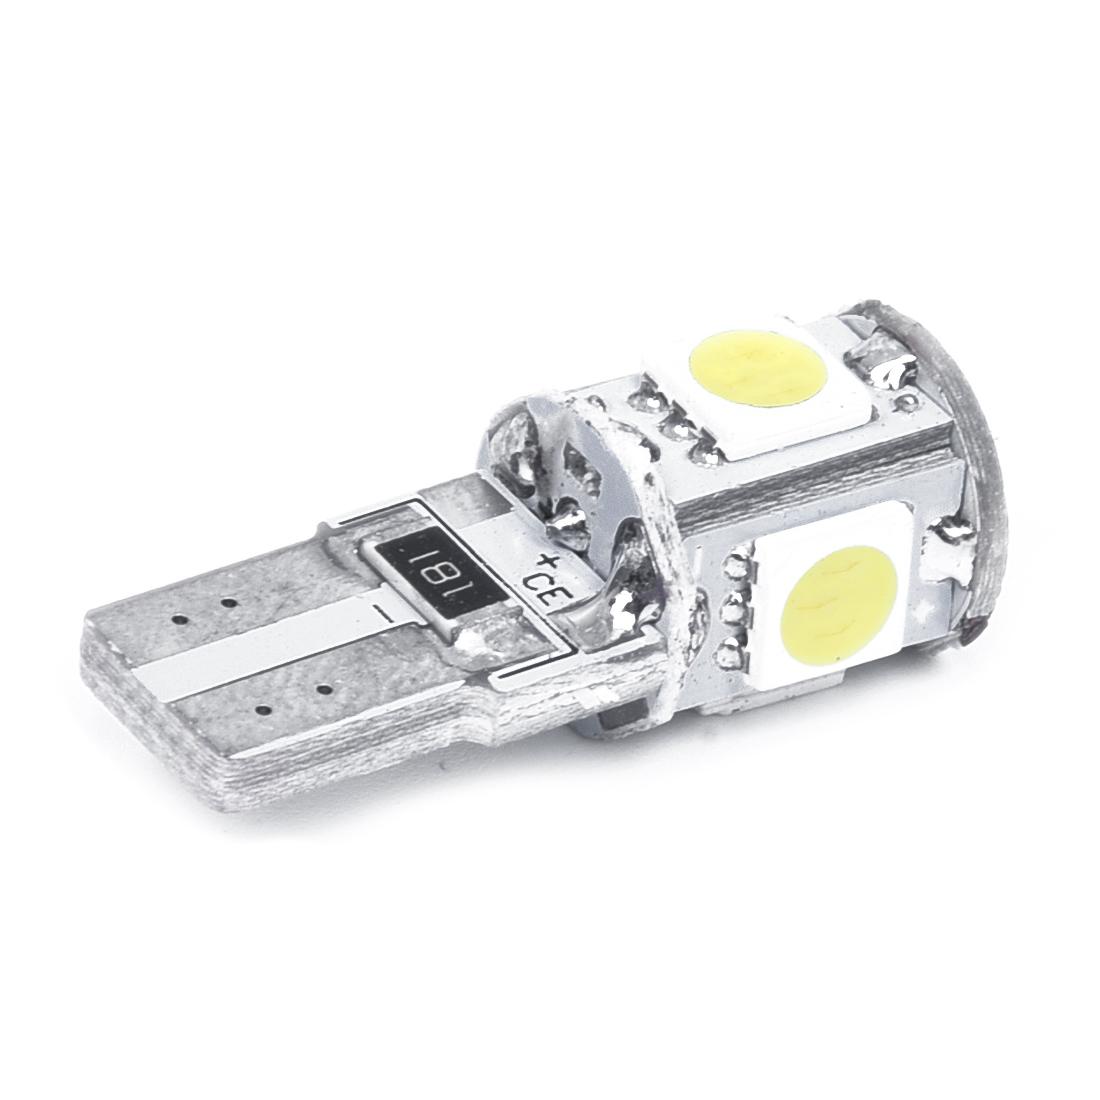 5x 2x ampoule 5 led smd w5w t10 blanc xenon veilleuse lampe voiture anti sans wt ebay. Black Bedroom Furniture Sets. Home Design Ideas